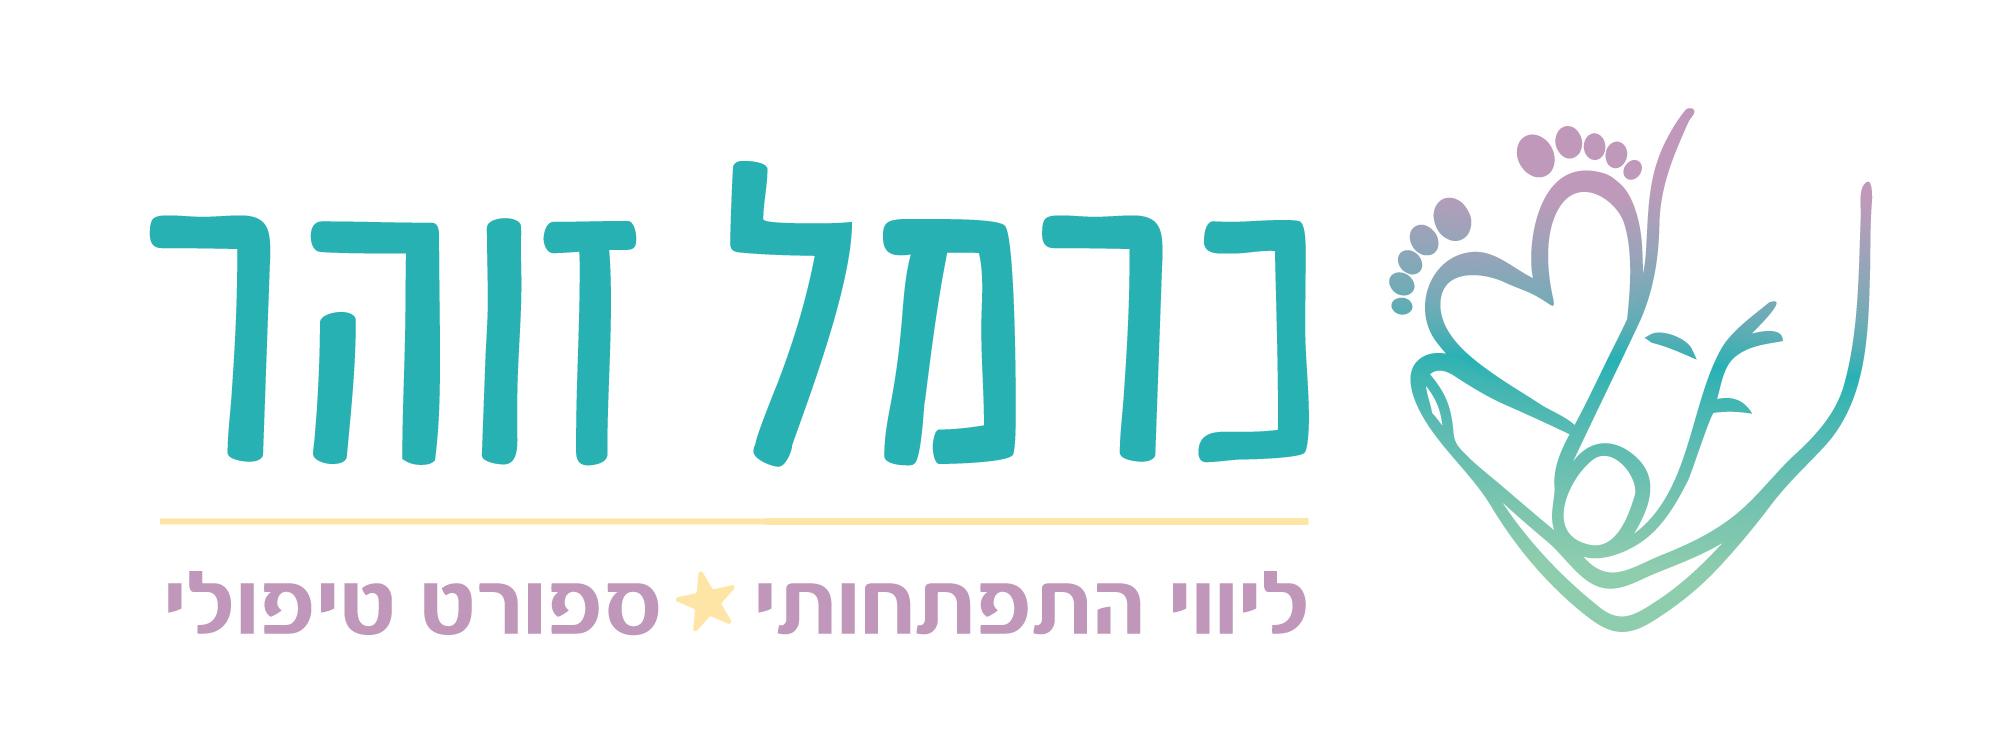 עיצוב לוגו עבור כרמל זוהר - ליווי התפתחותי וספורט טיפולי